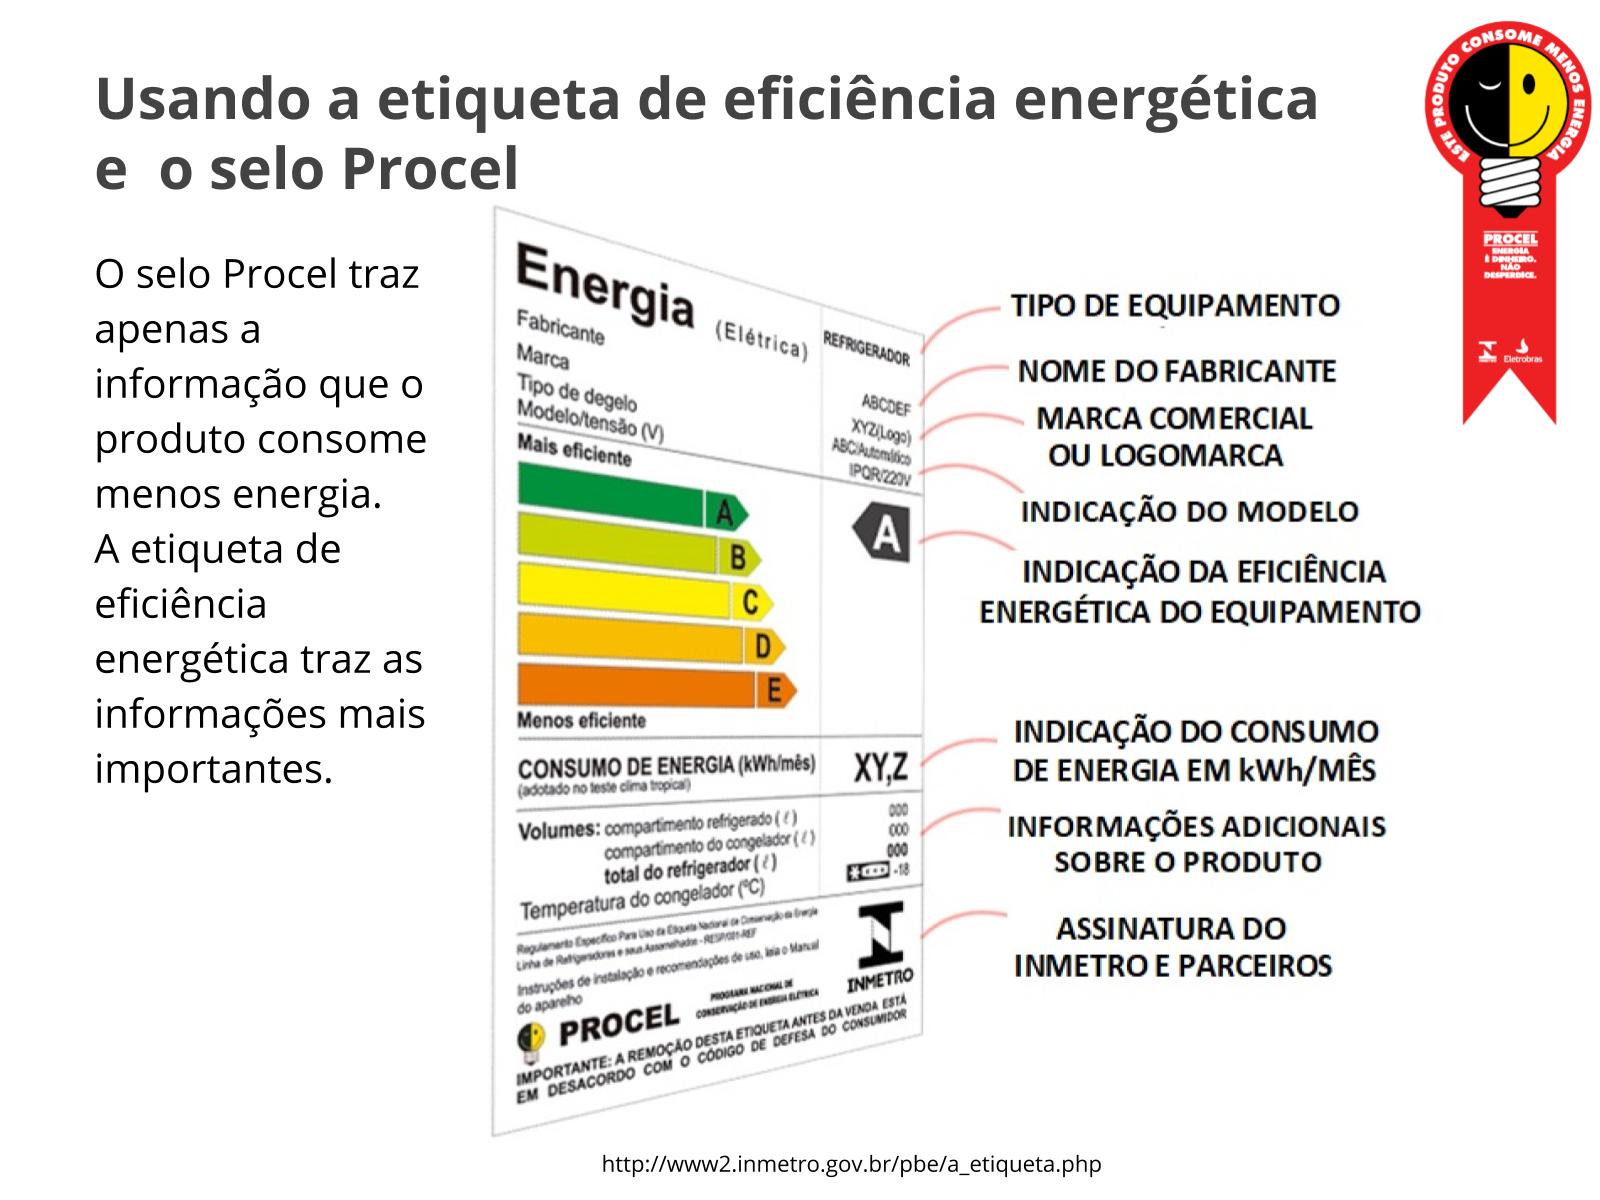 Usando o selo Procel como instrumento de eficiência energética